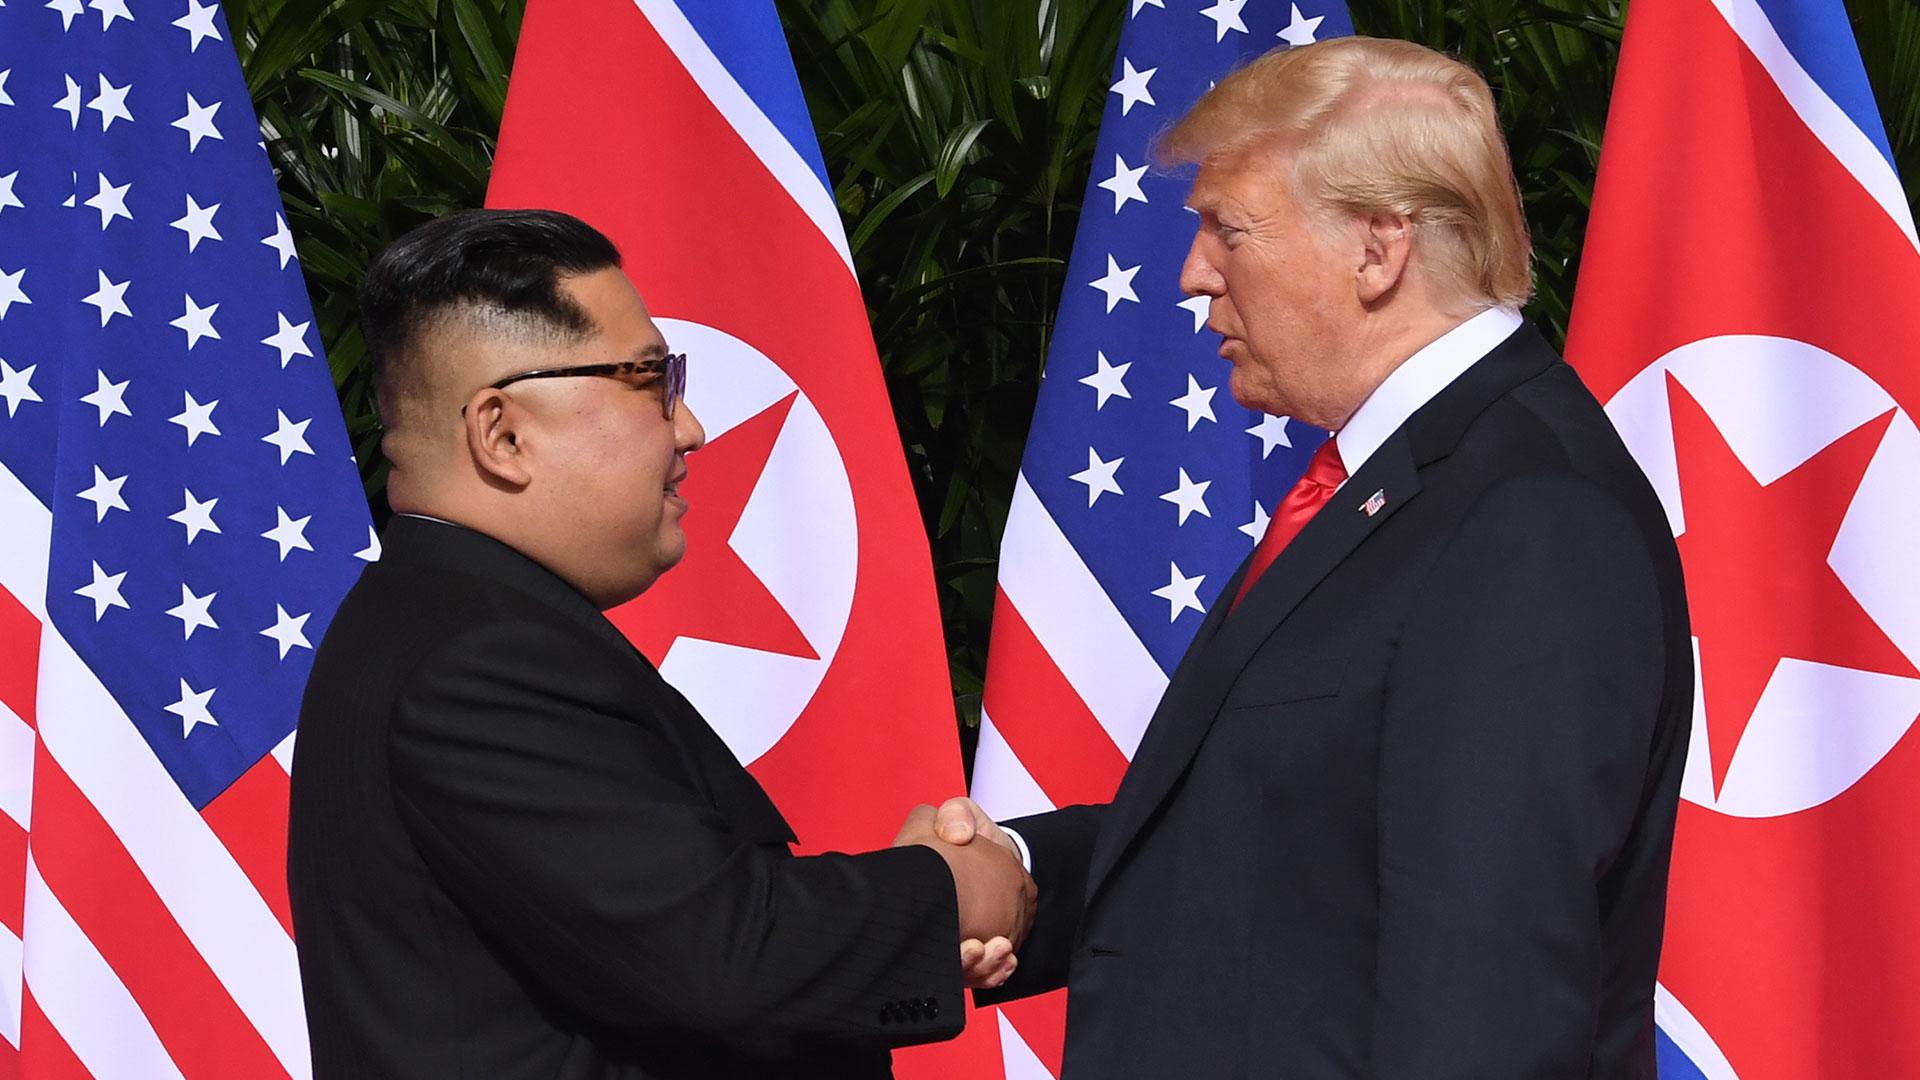 Histórico acuerdo de impacto mundial / EE.UU. - Corea del Norte